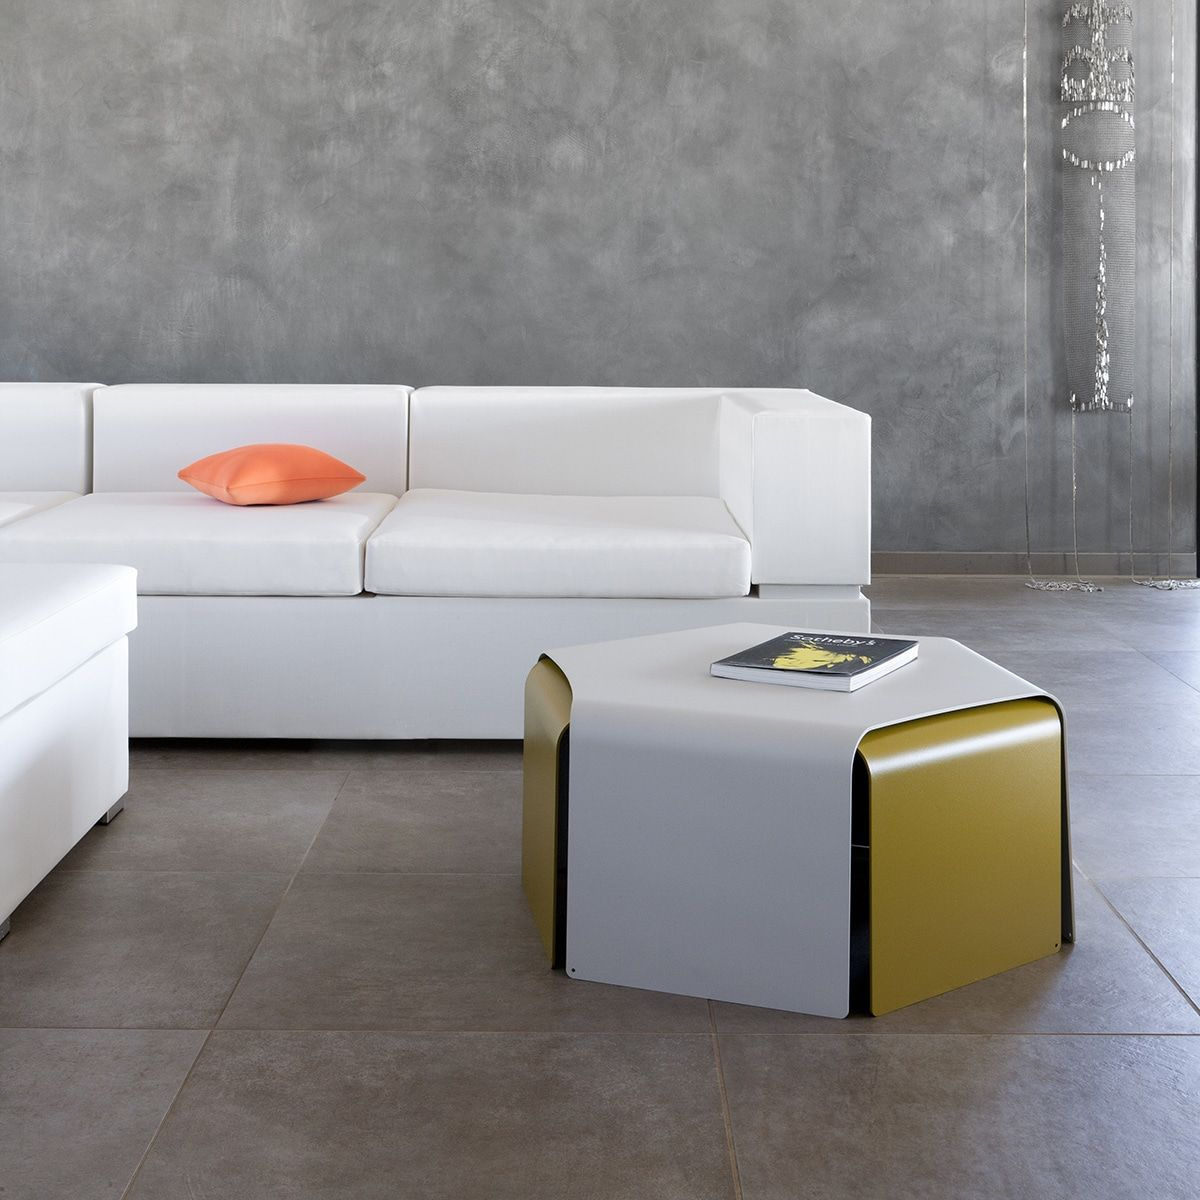 Tables Basses Ponant Empilables Matiere Grise En Offre Speciale Sur Zeeloft Table Basse Mobilier De Salon Mobilier Design